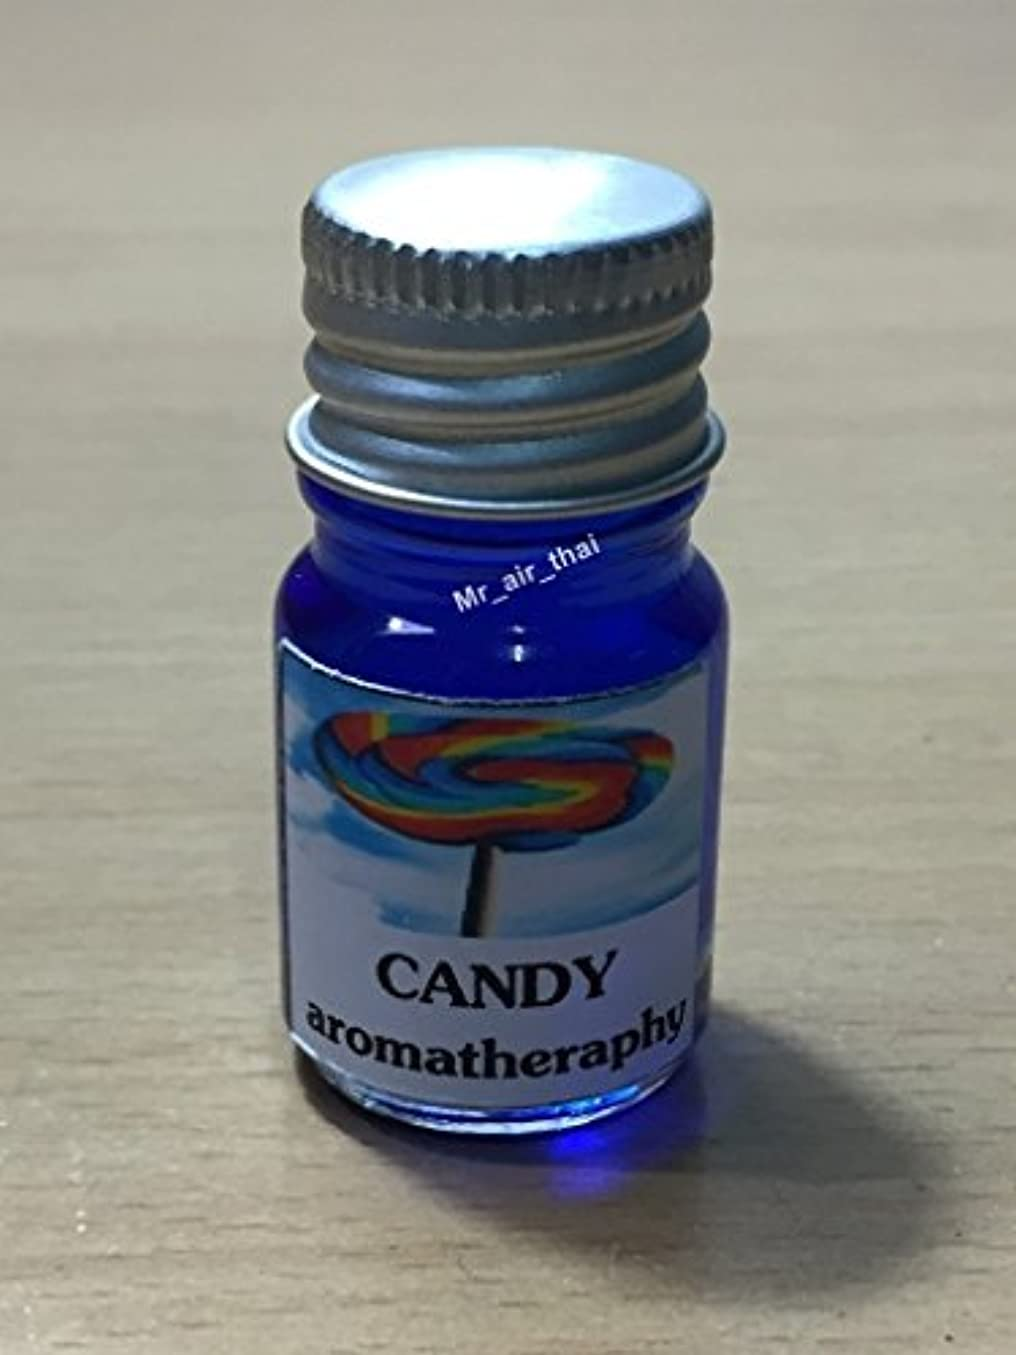 ツーリスト拒絶する店主5ミリリットルアロマキャンディーフランクインセンスエッセンシャルオイルボトルアロマテラピーオイル自然自然5ml Aroma Candy Frankincense Essential Oil Bottles Aromatherapy...